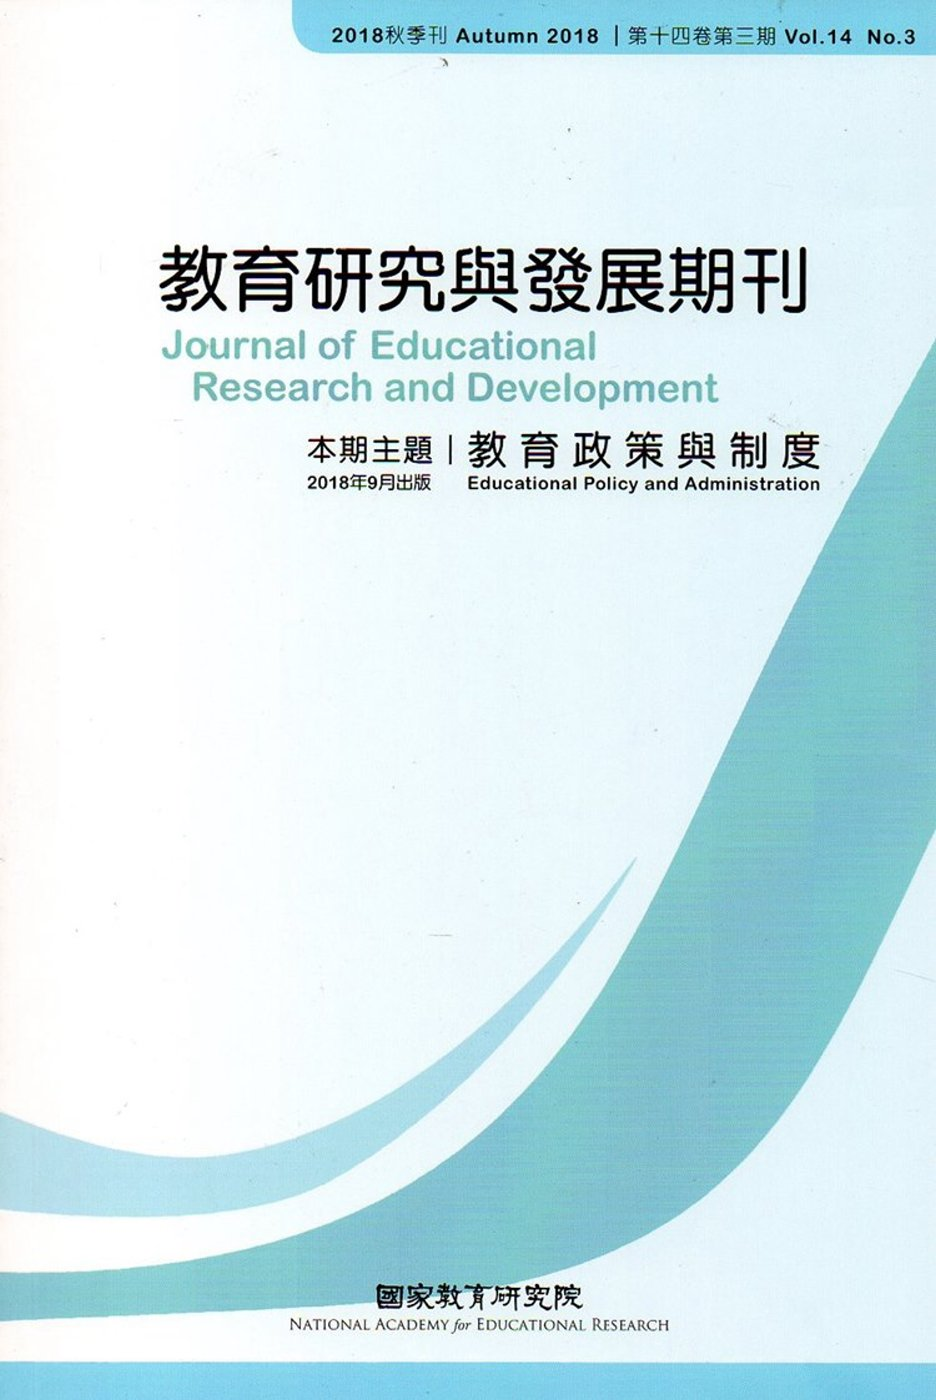 教育研究與發展期刊第14卷3期(107年秋季刊)